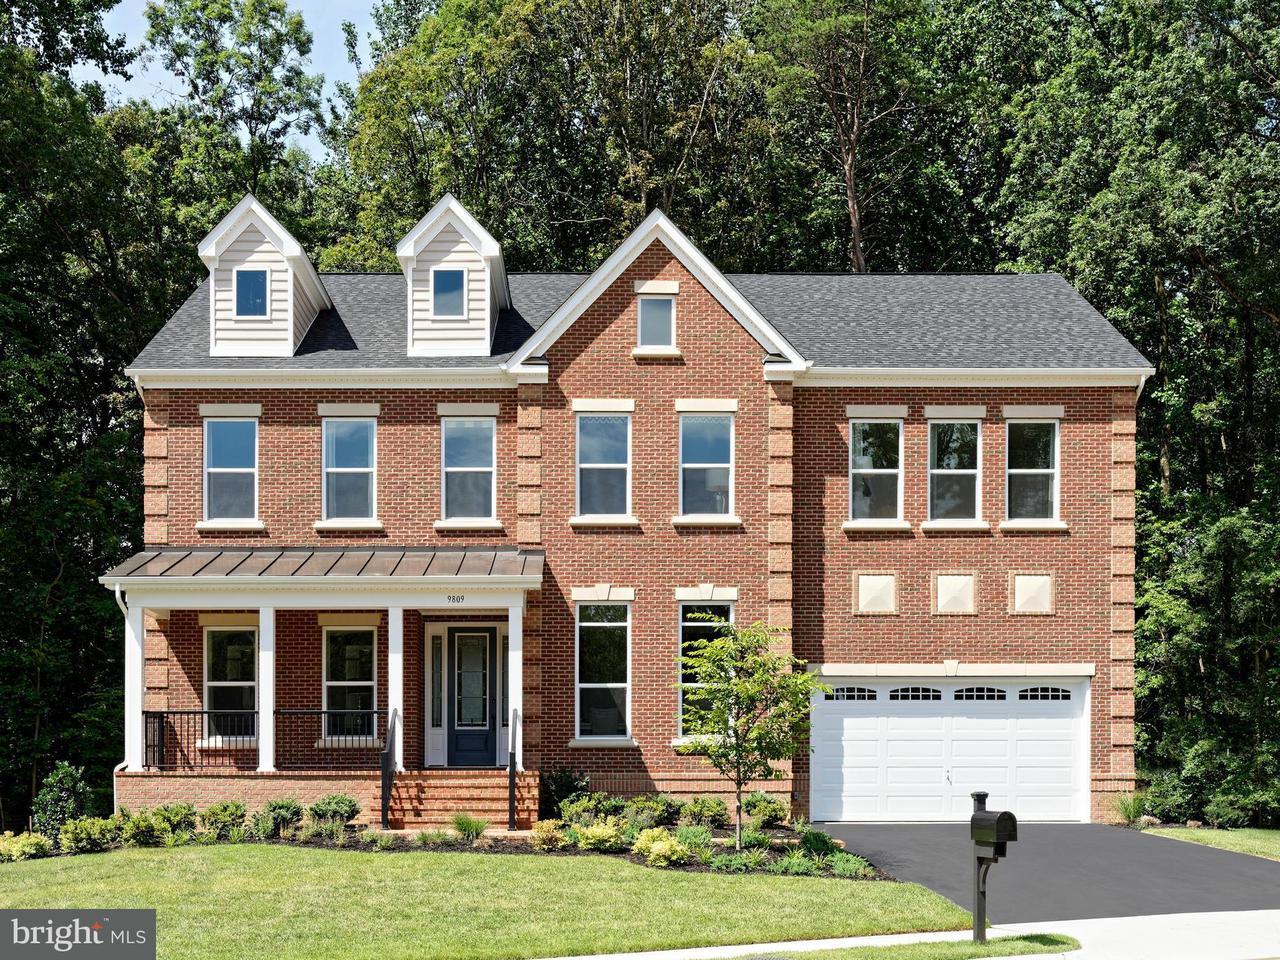 Μονοκατοικία για την Πώληση στο 9811 Sheads Court 9811 Sheads Court Burke, Βιρτζινια 22015 Ηνωμενεσ Πολιτειεσ